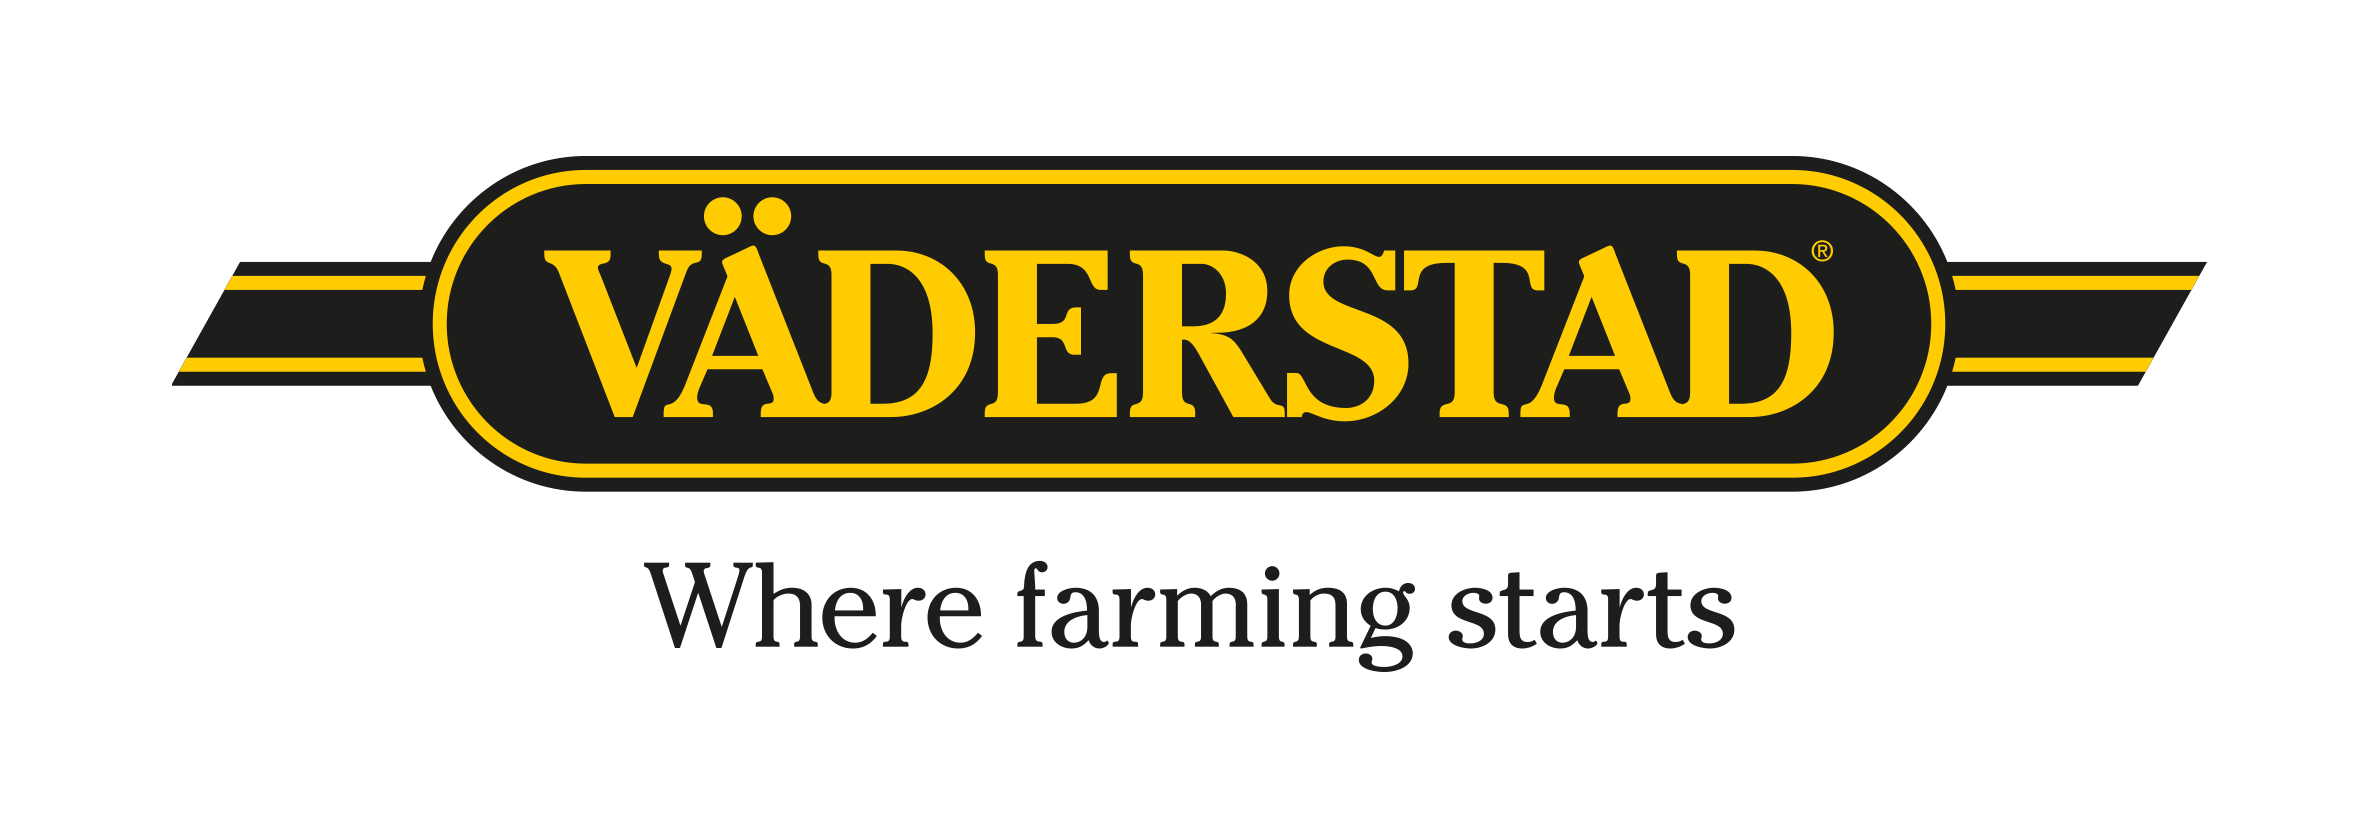 vaderstad-logo